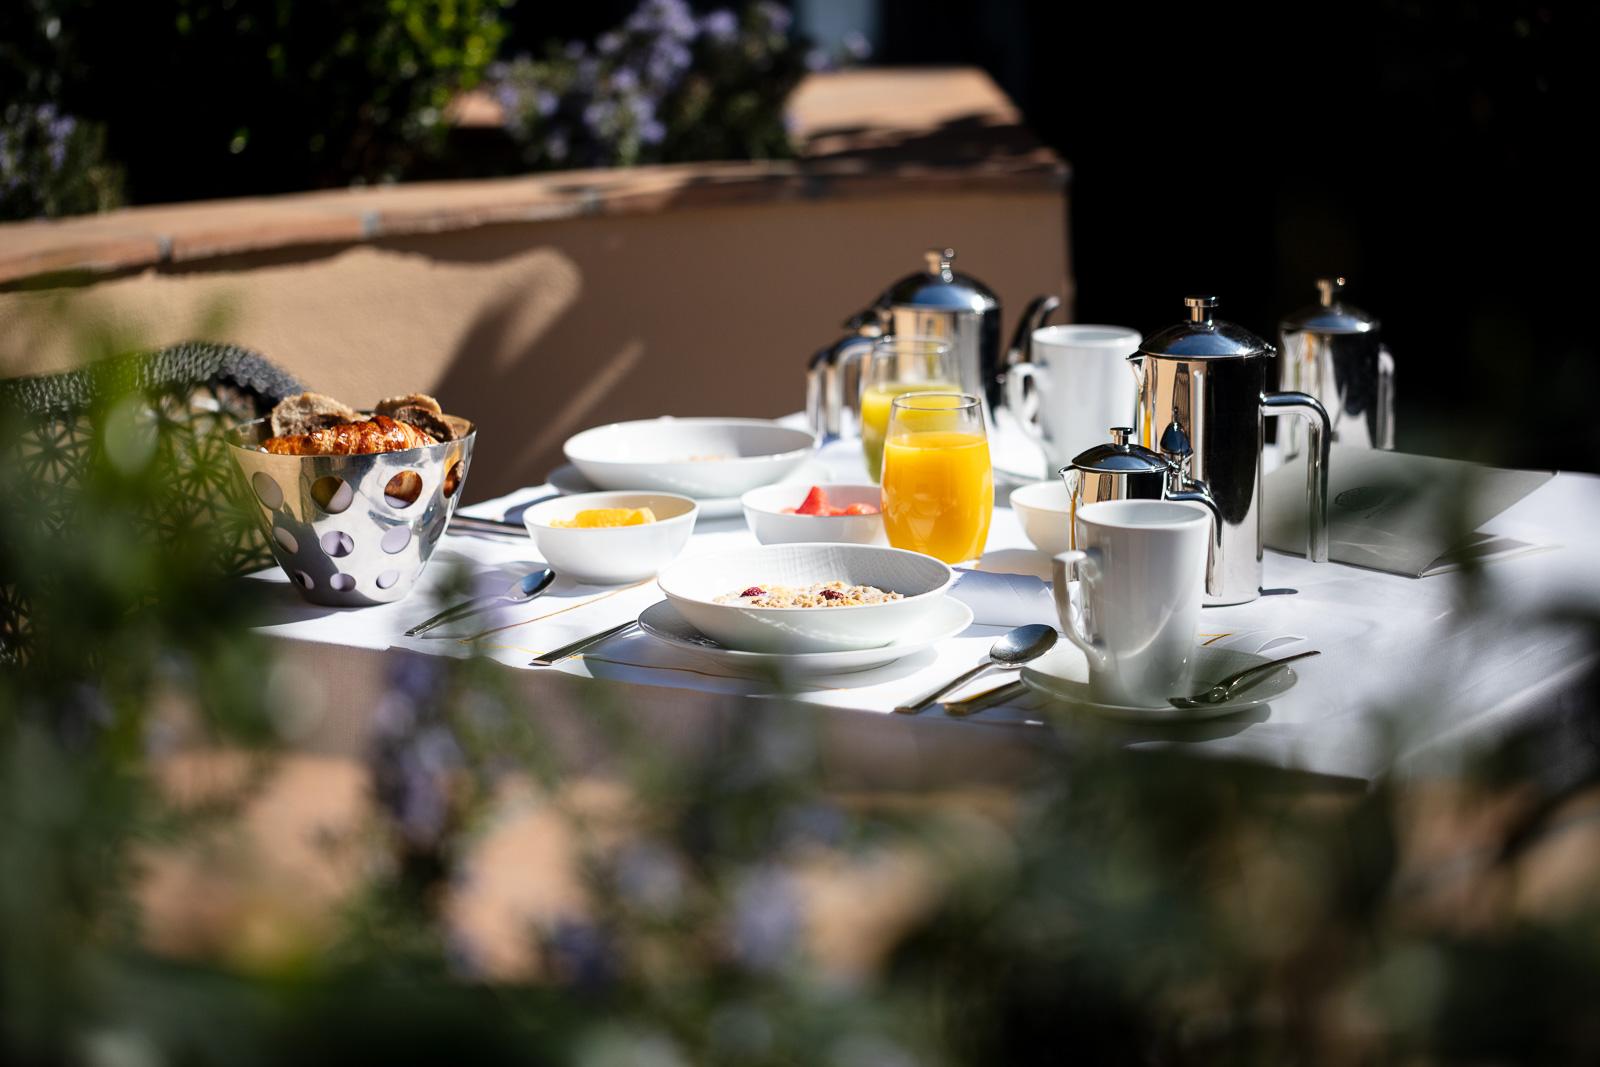 Franck_Hamel_Hotel_de_Paris_valerie_paumelle_agent-photographe_culinaire-foodphotographer (9).jpg